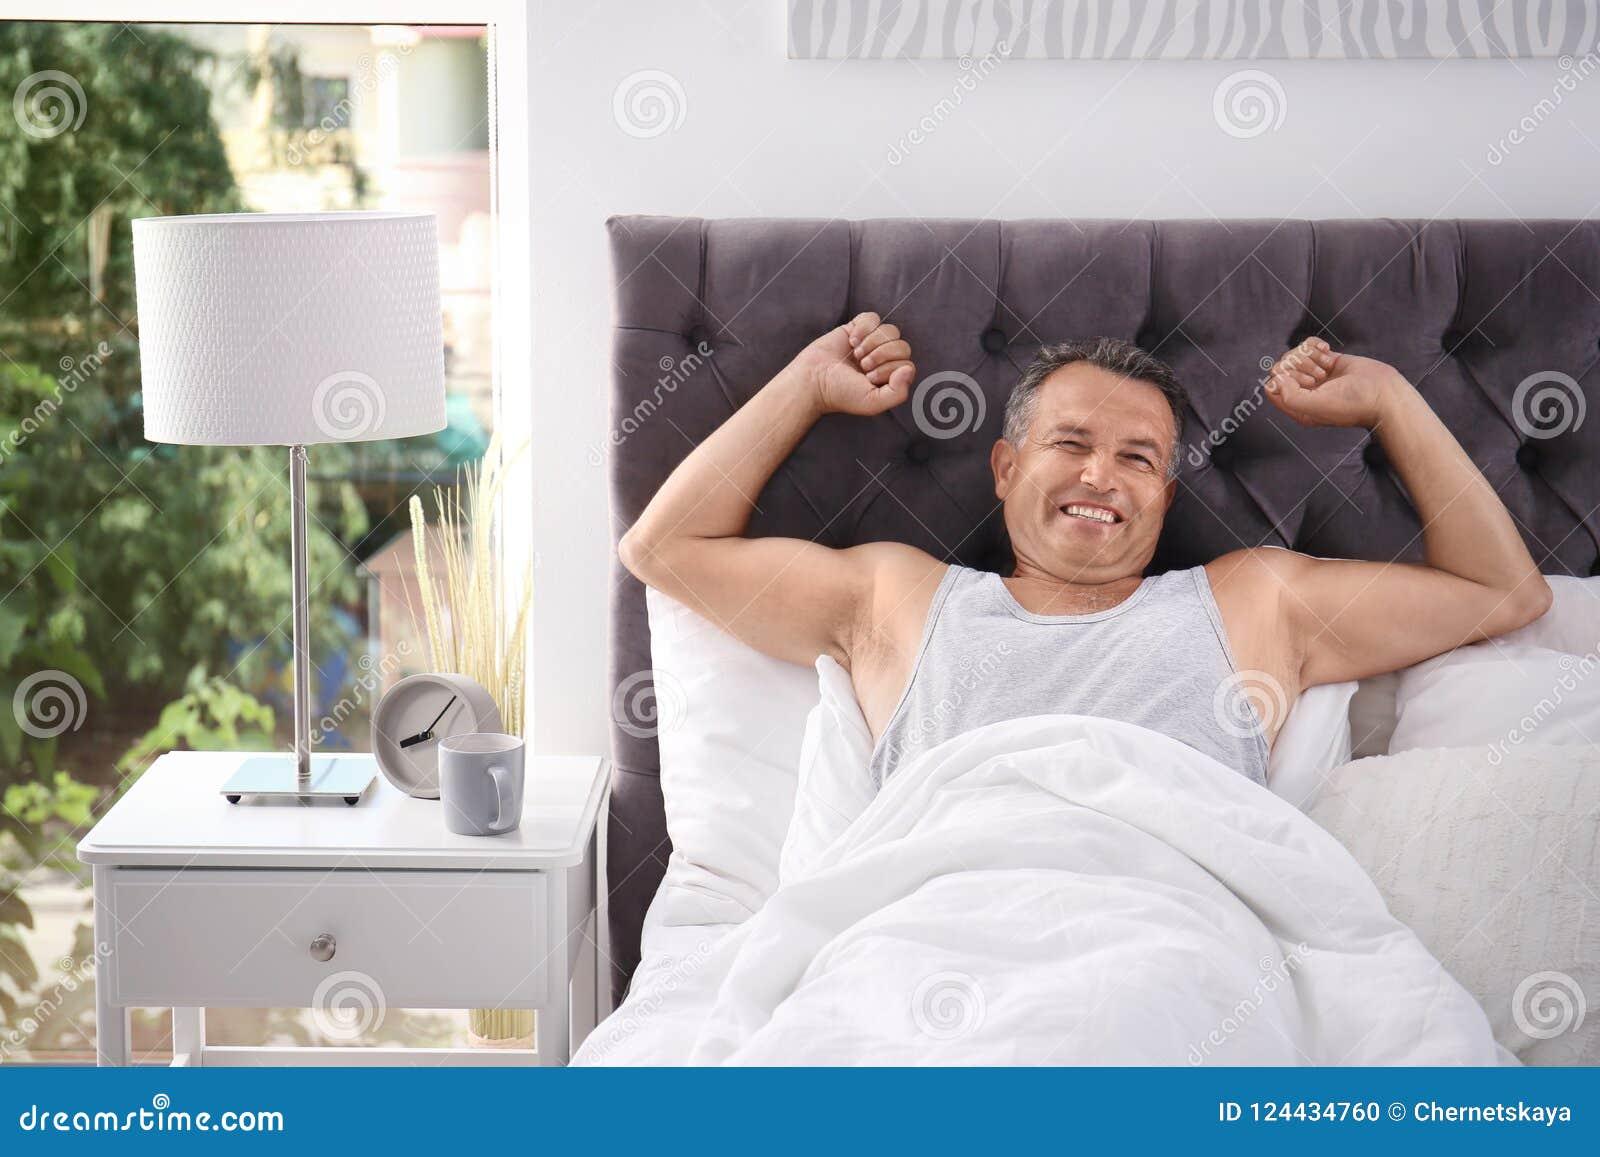 Gelukkige mensenontwaken na het slapen op comfortabel hoofdkussen